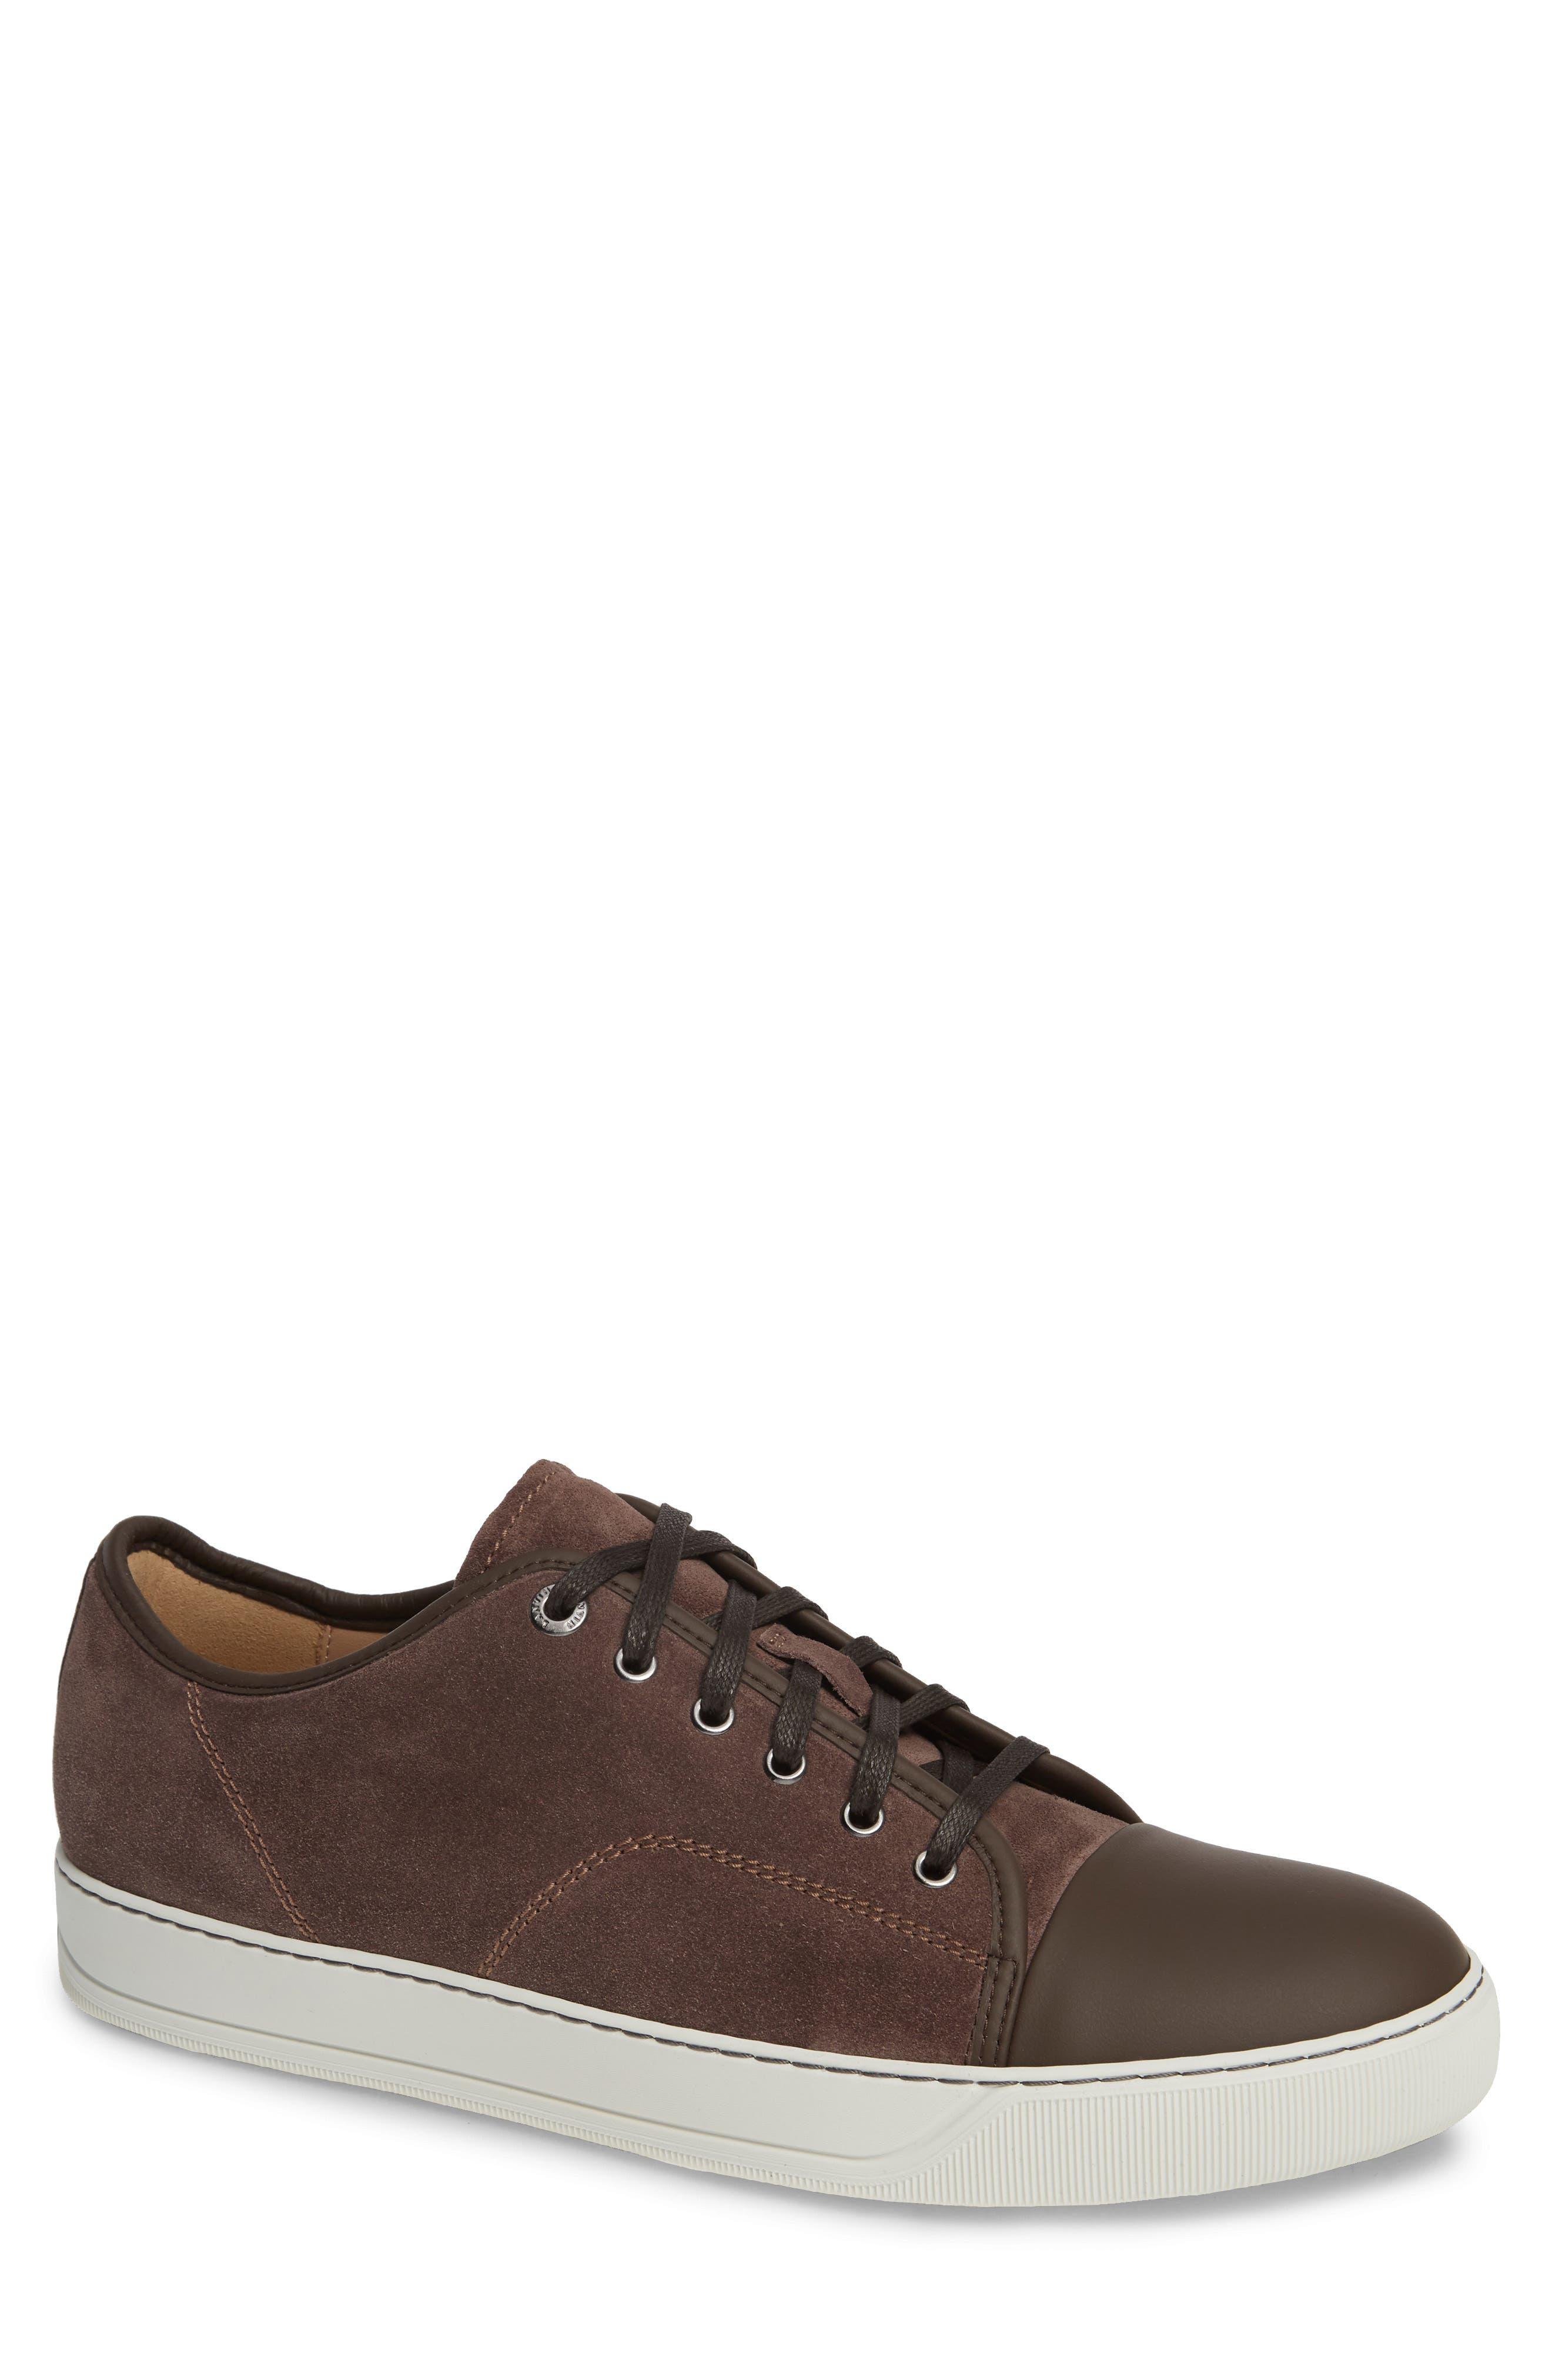 LANVIN Low Top Sneaker, Main, color, CLAY